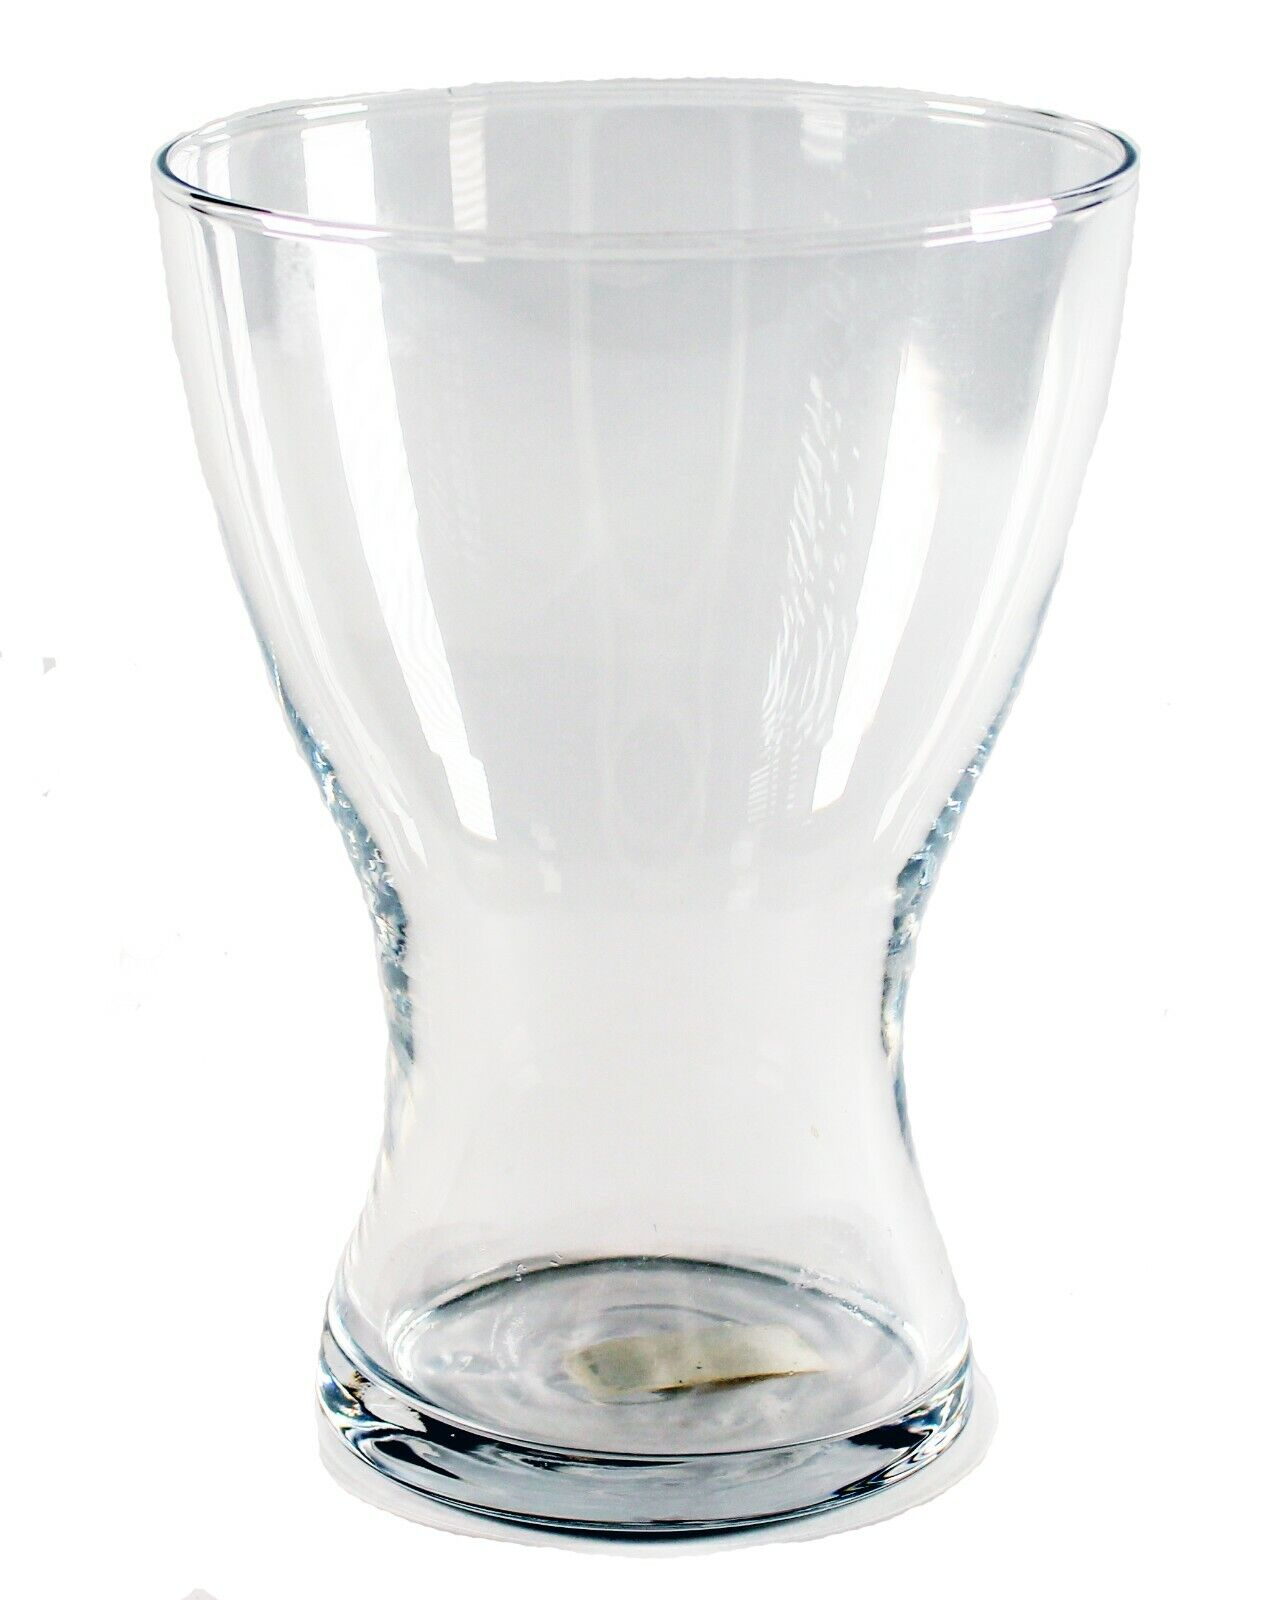 details sur vasen vase en verre tulipe en forme de fleur ikea 20 cm haute afficher le titre d origine